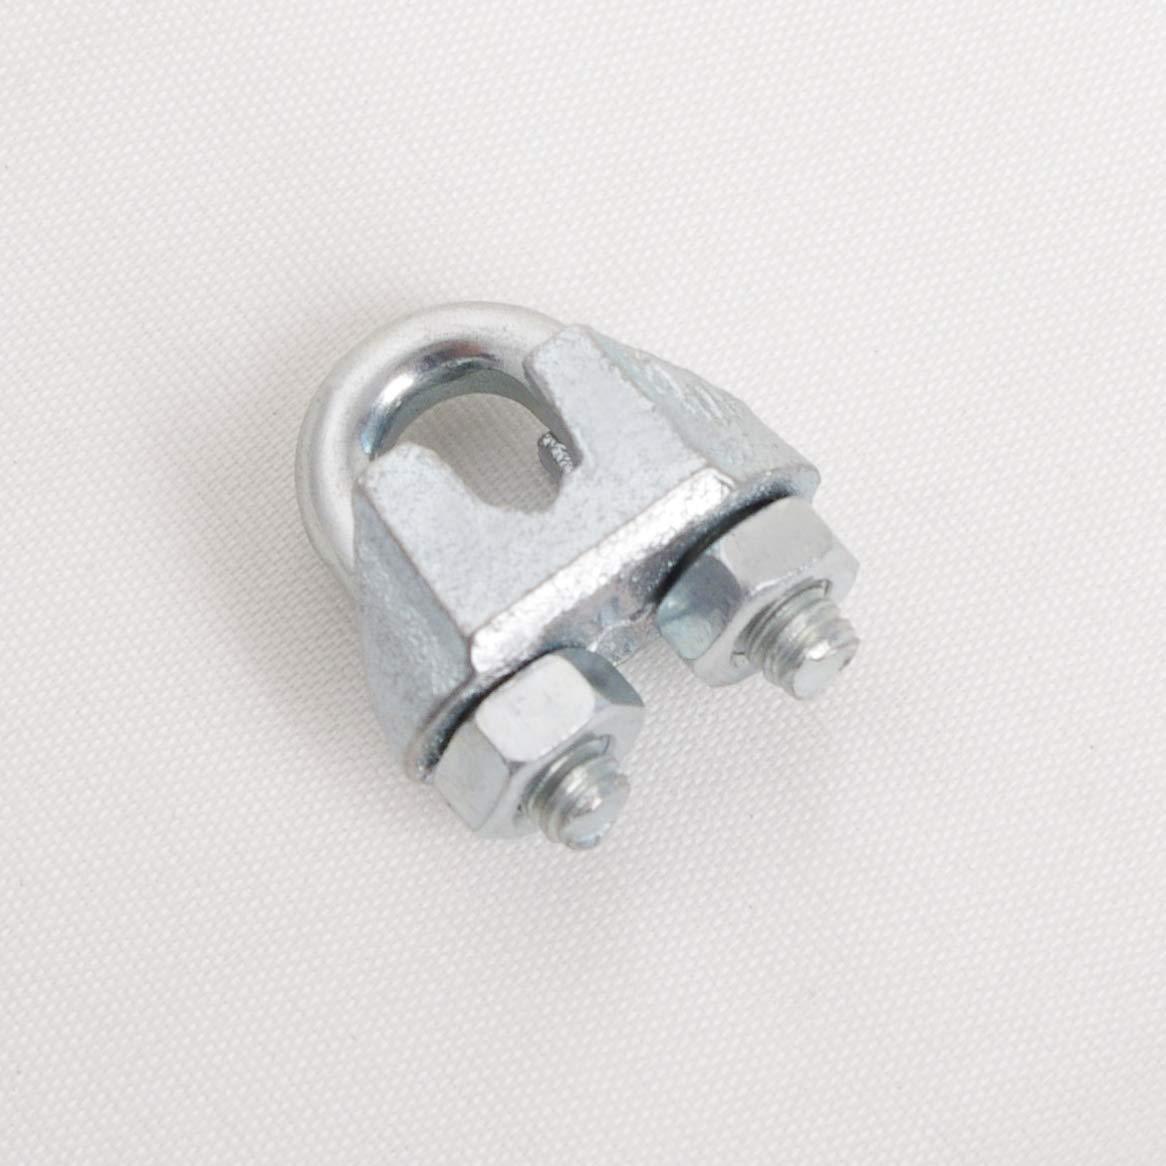 Donau Elektronik 1722 4 Twist Drills 2,0//2,2//2,4//2,6 mm Multi-Colour